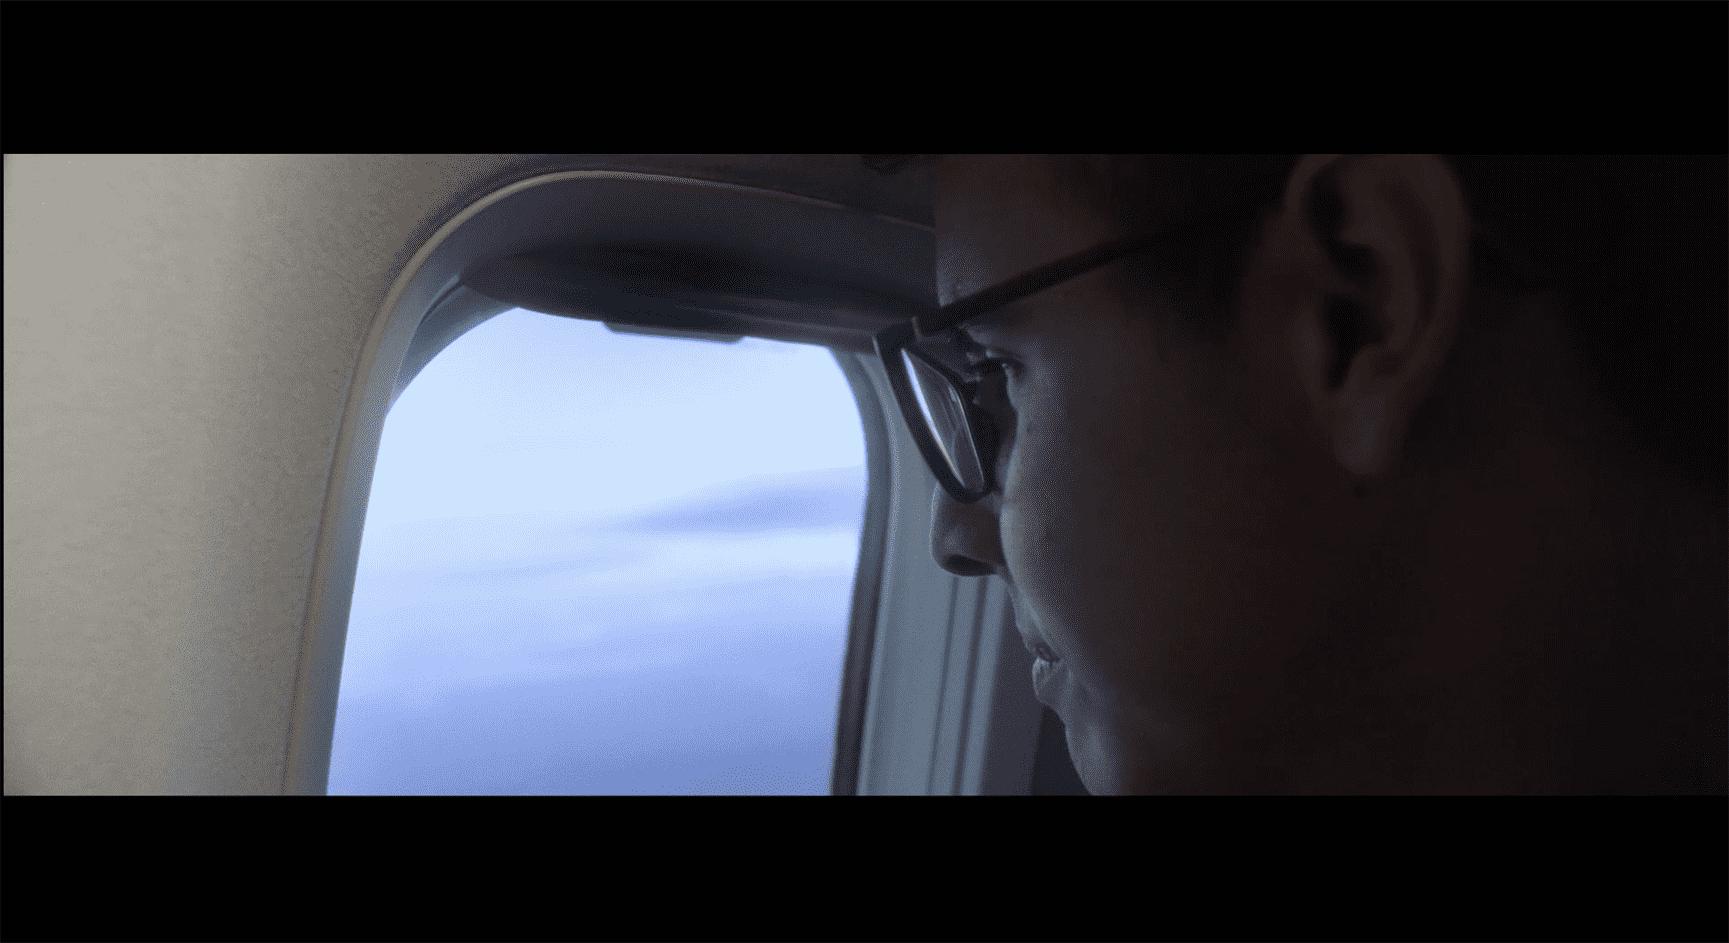 Gol realiza sonho de jovem em se tornar piloto de avião